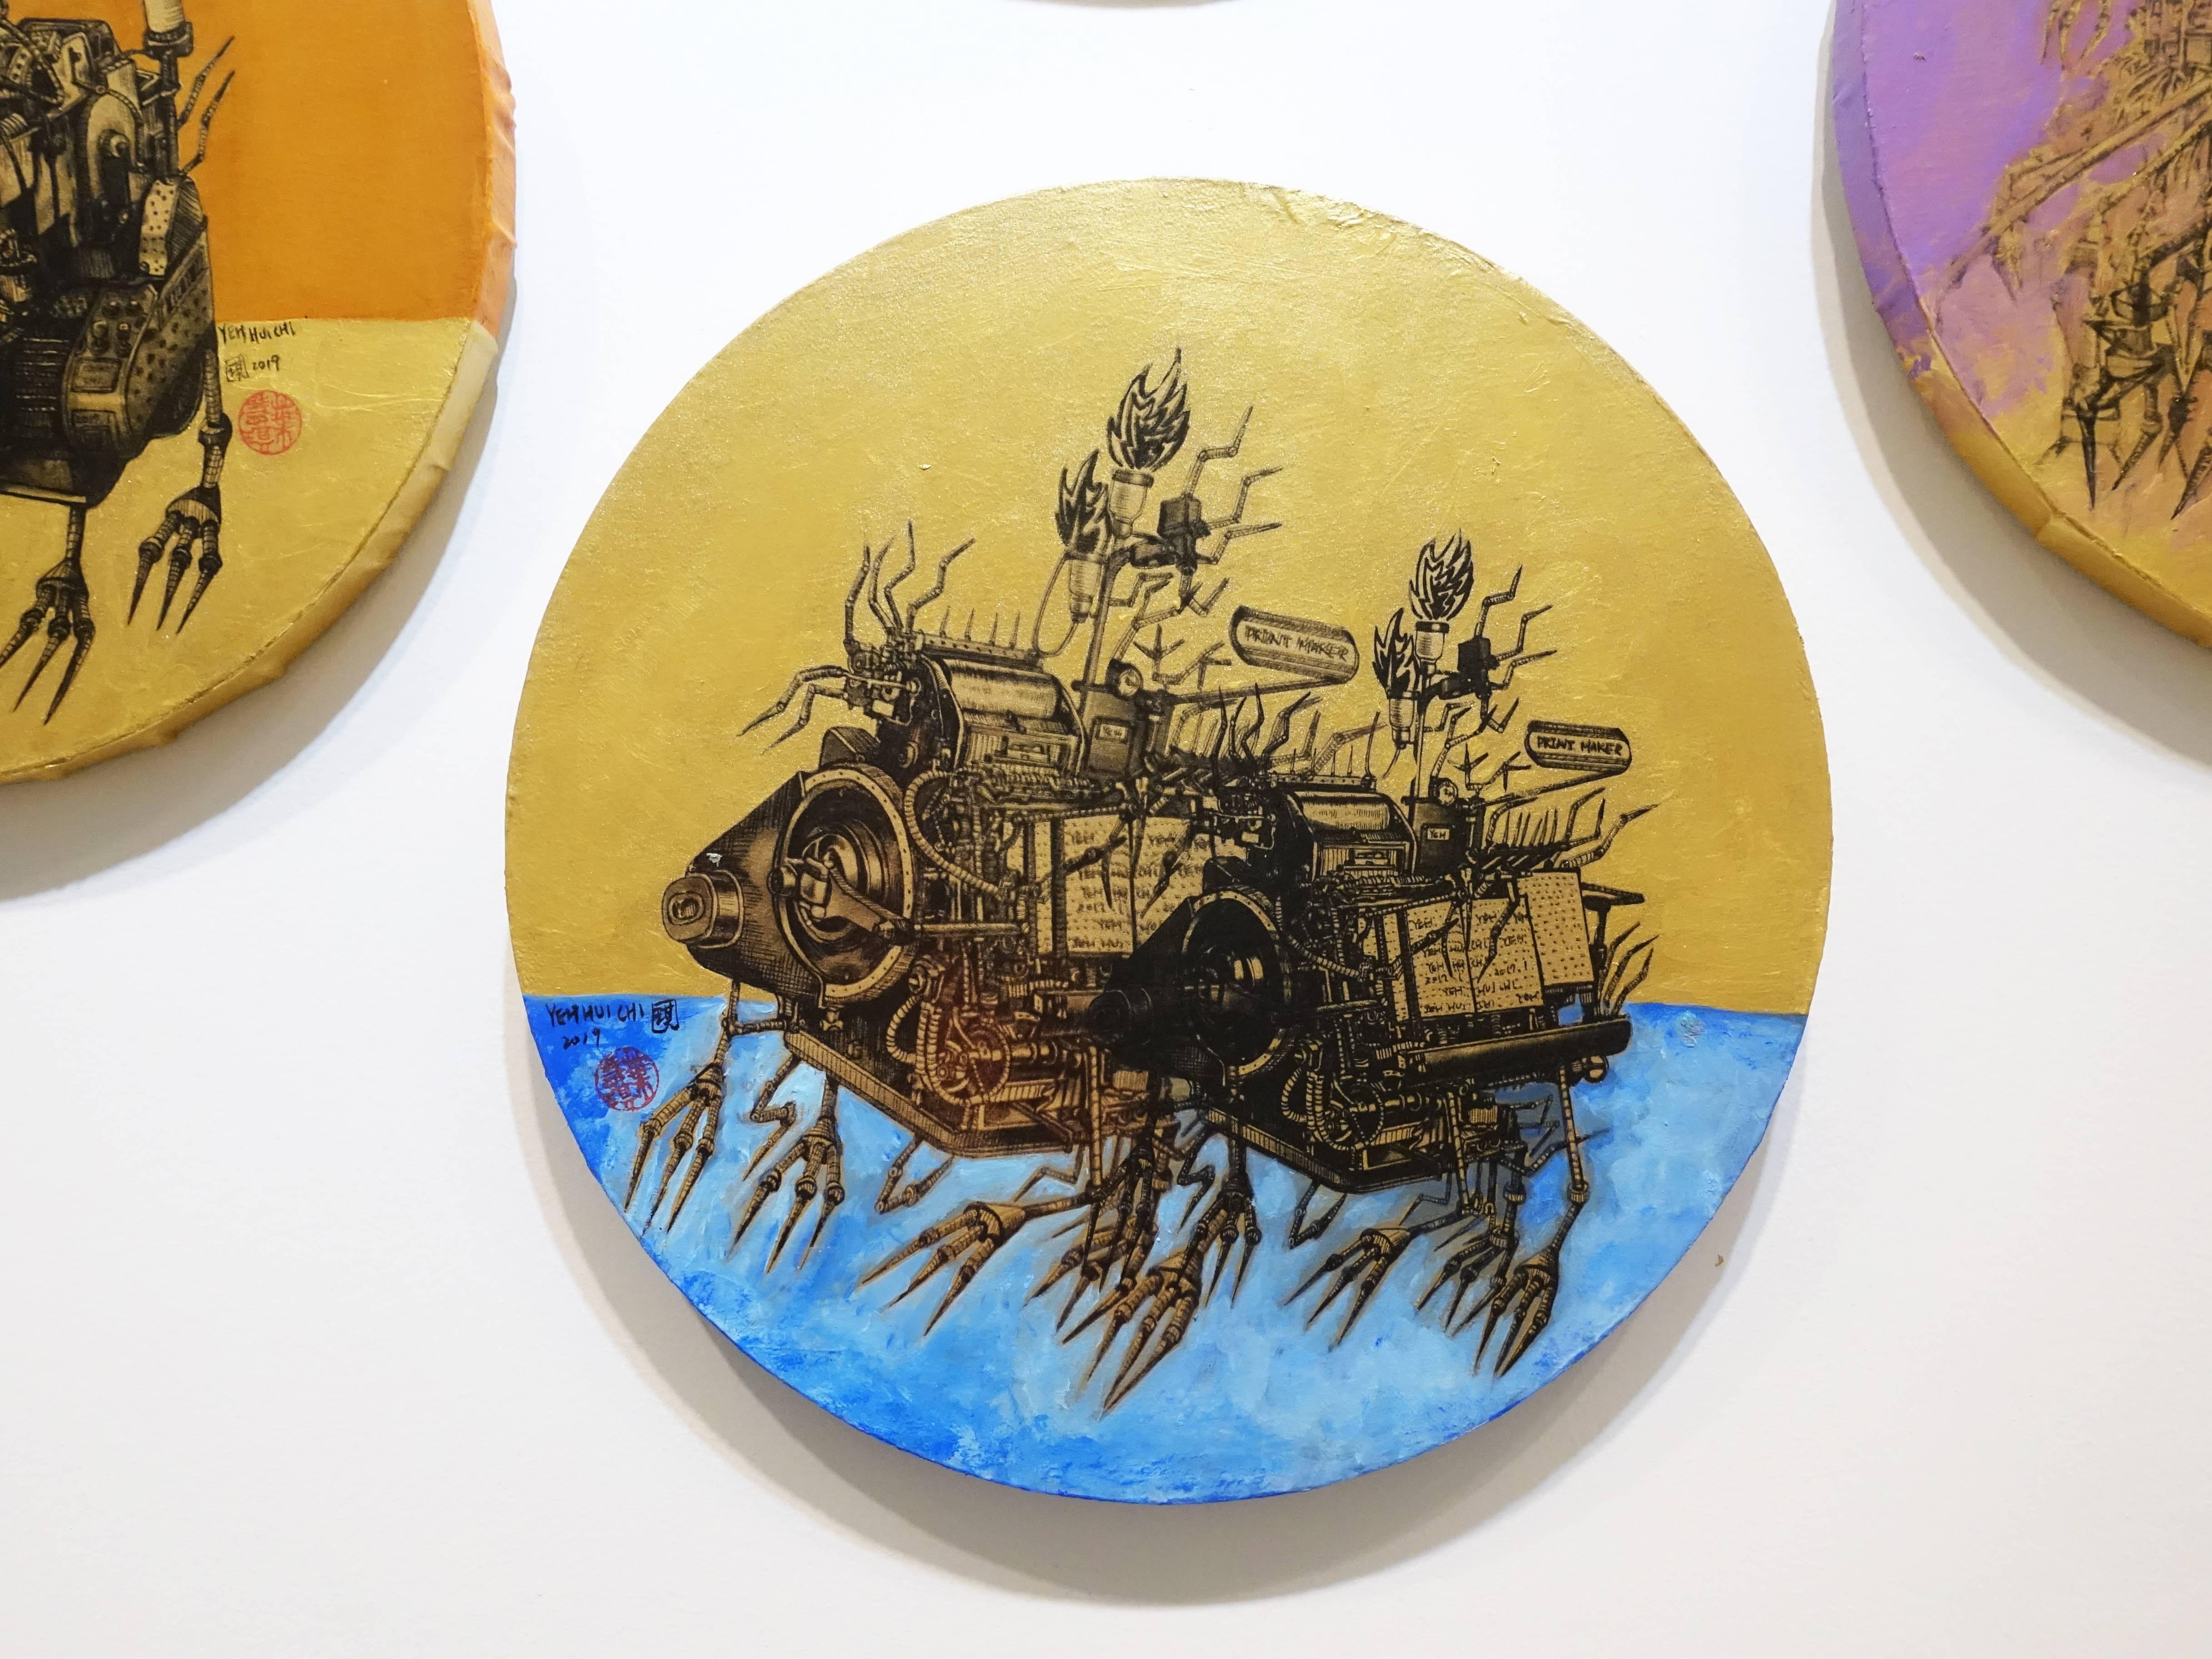 葉慧琪,《機械群33》,30 x 30 cm,綜合媒材、絹布。